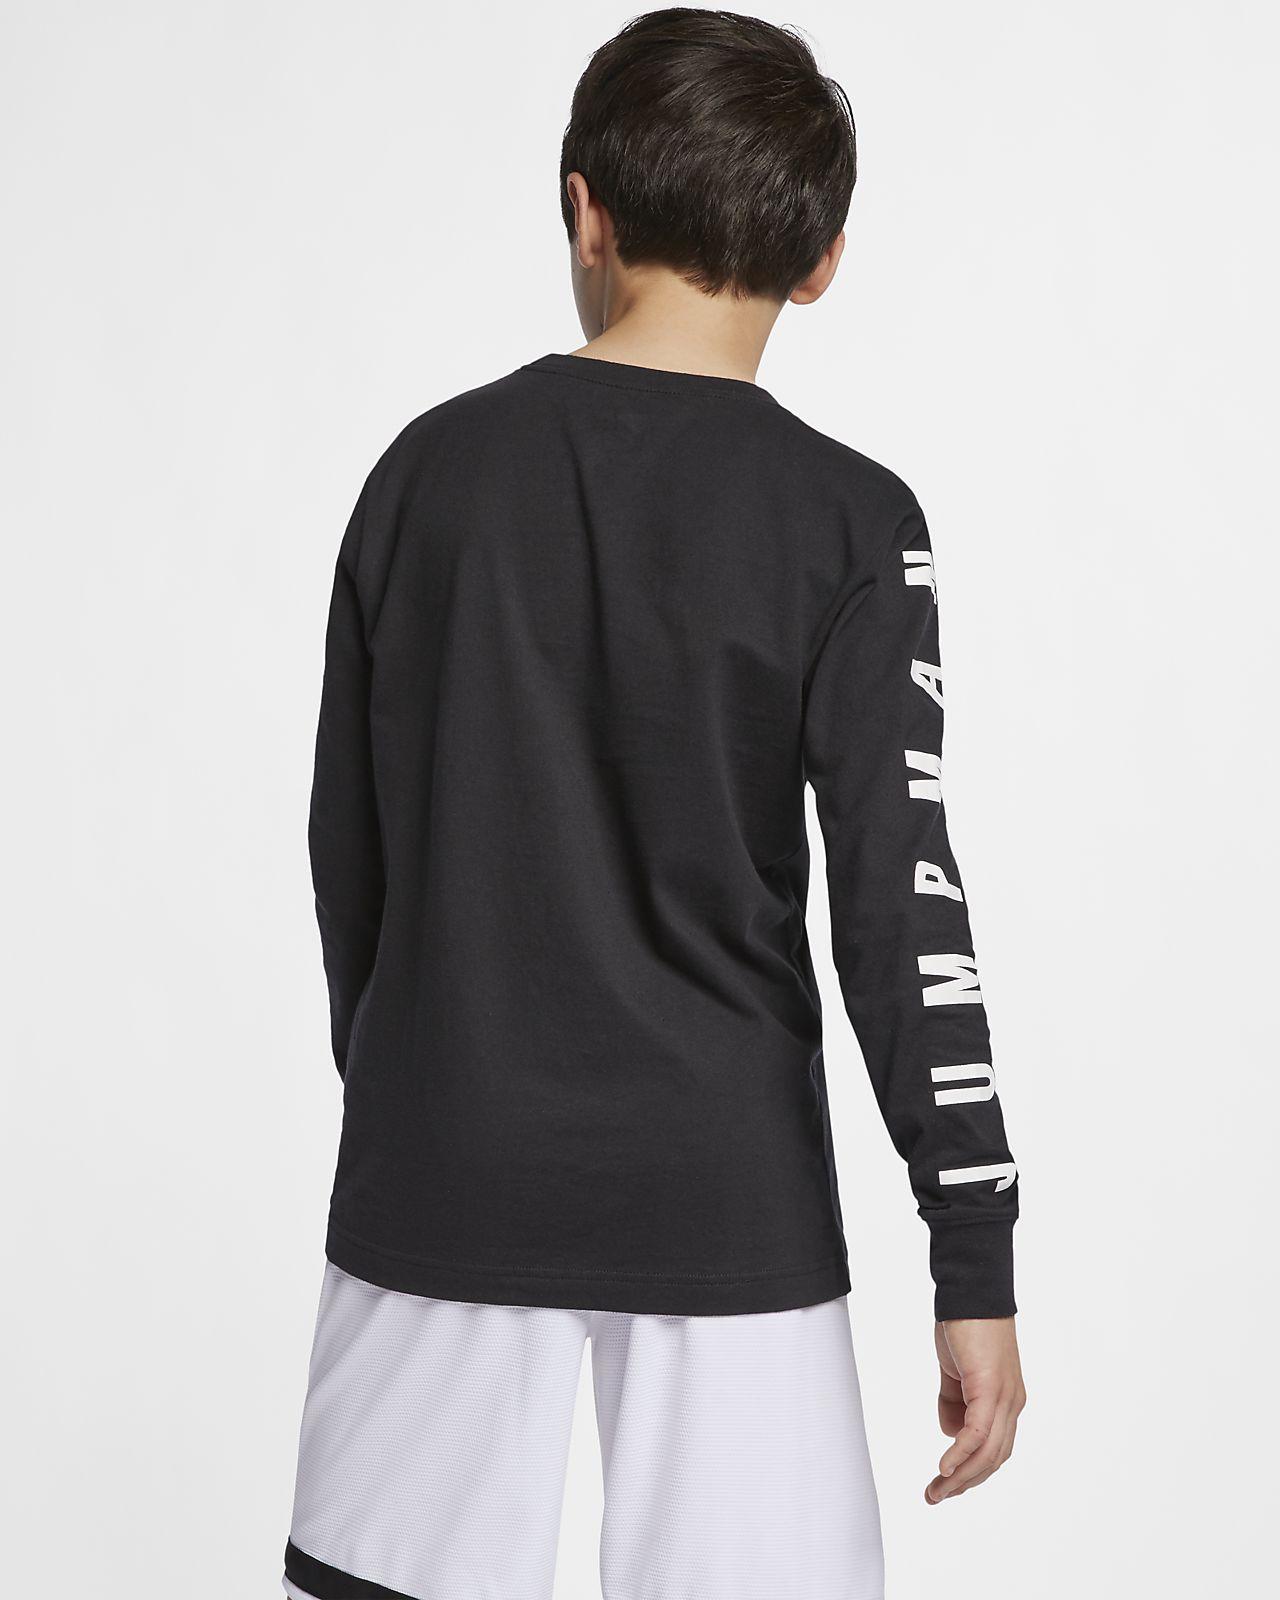 de636e731 Jordan Jumpman 23 Older Kids' (Boys') Long-Sleeve Graphic T-Shirt ...